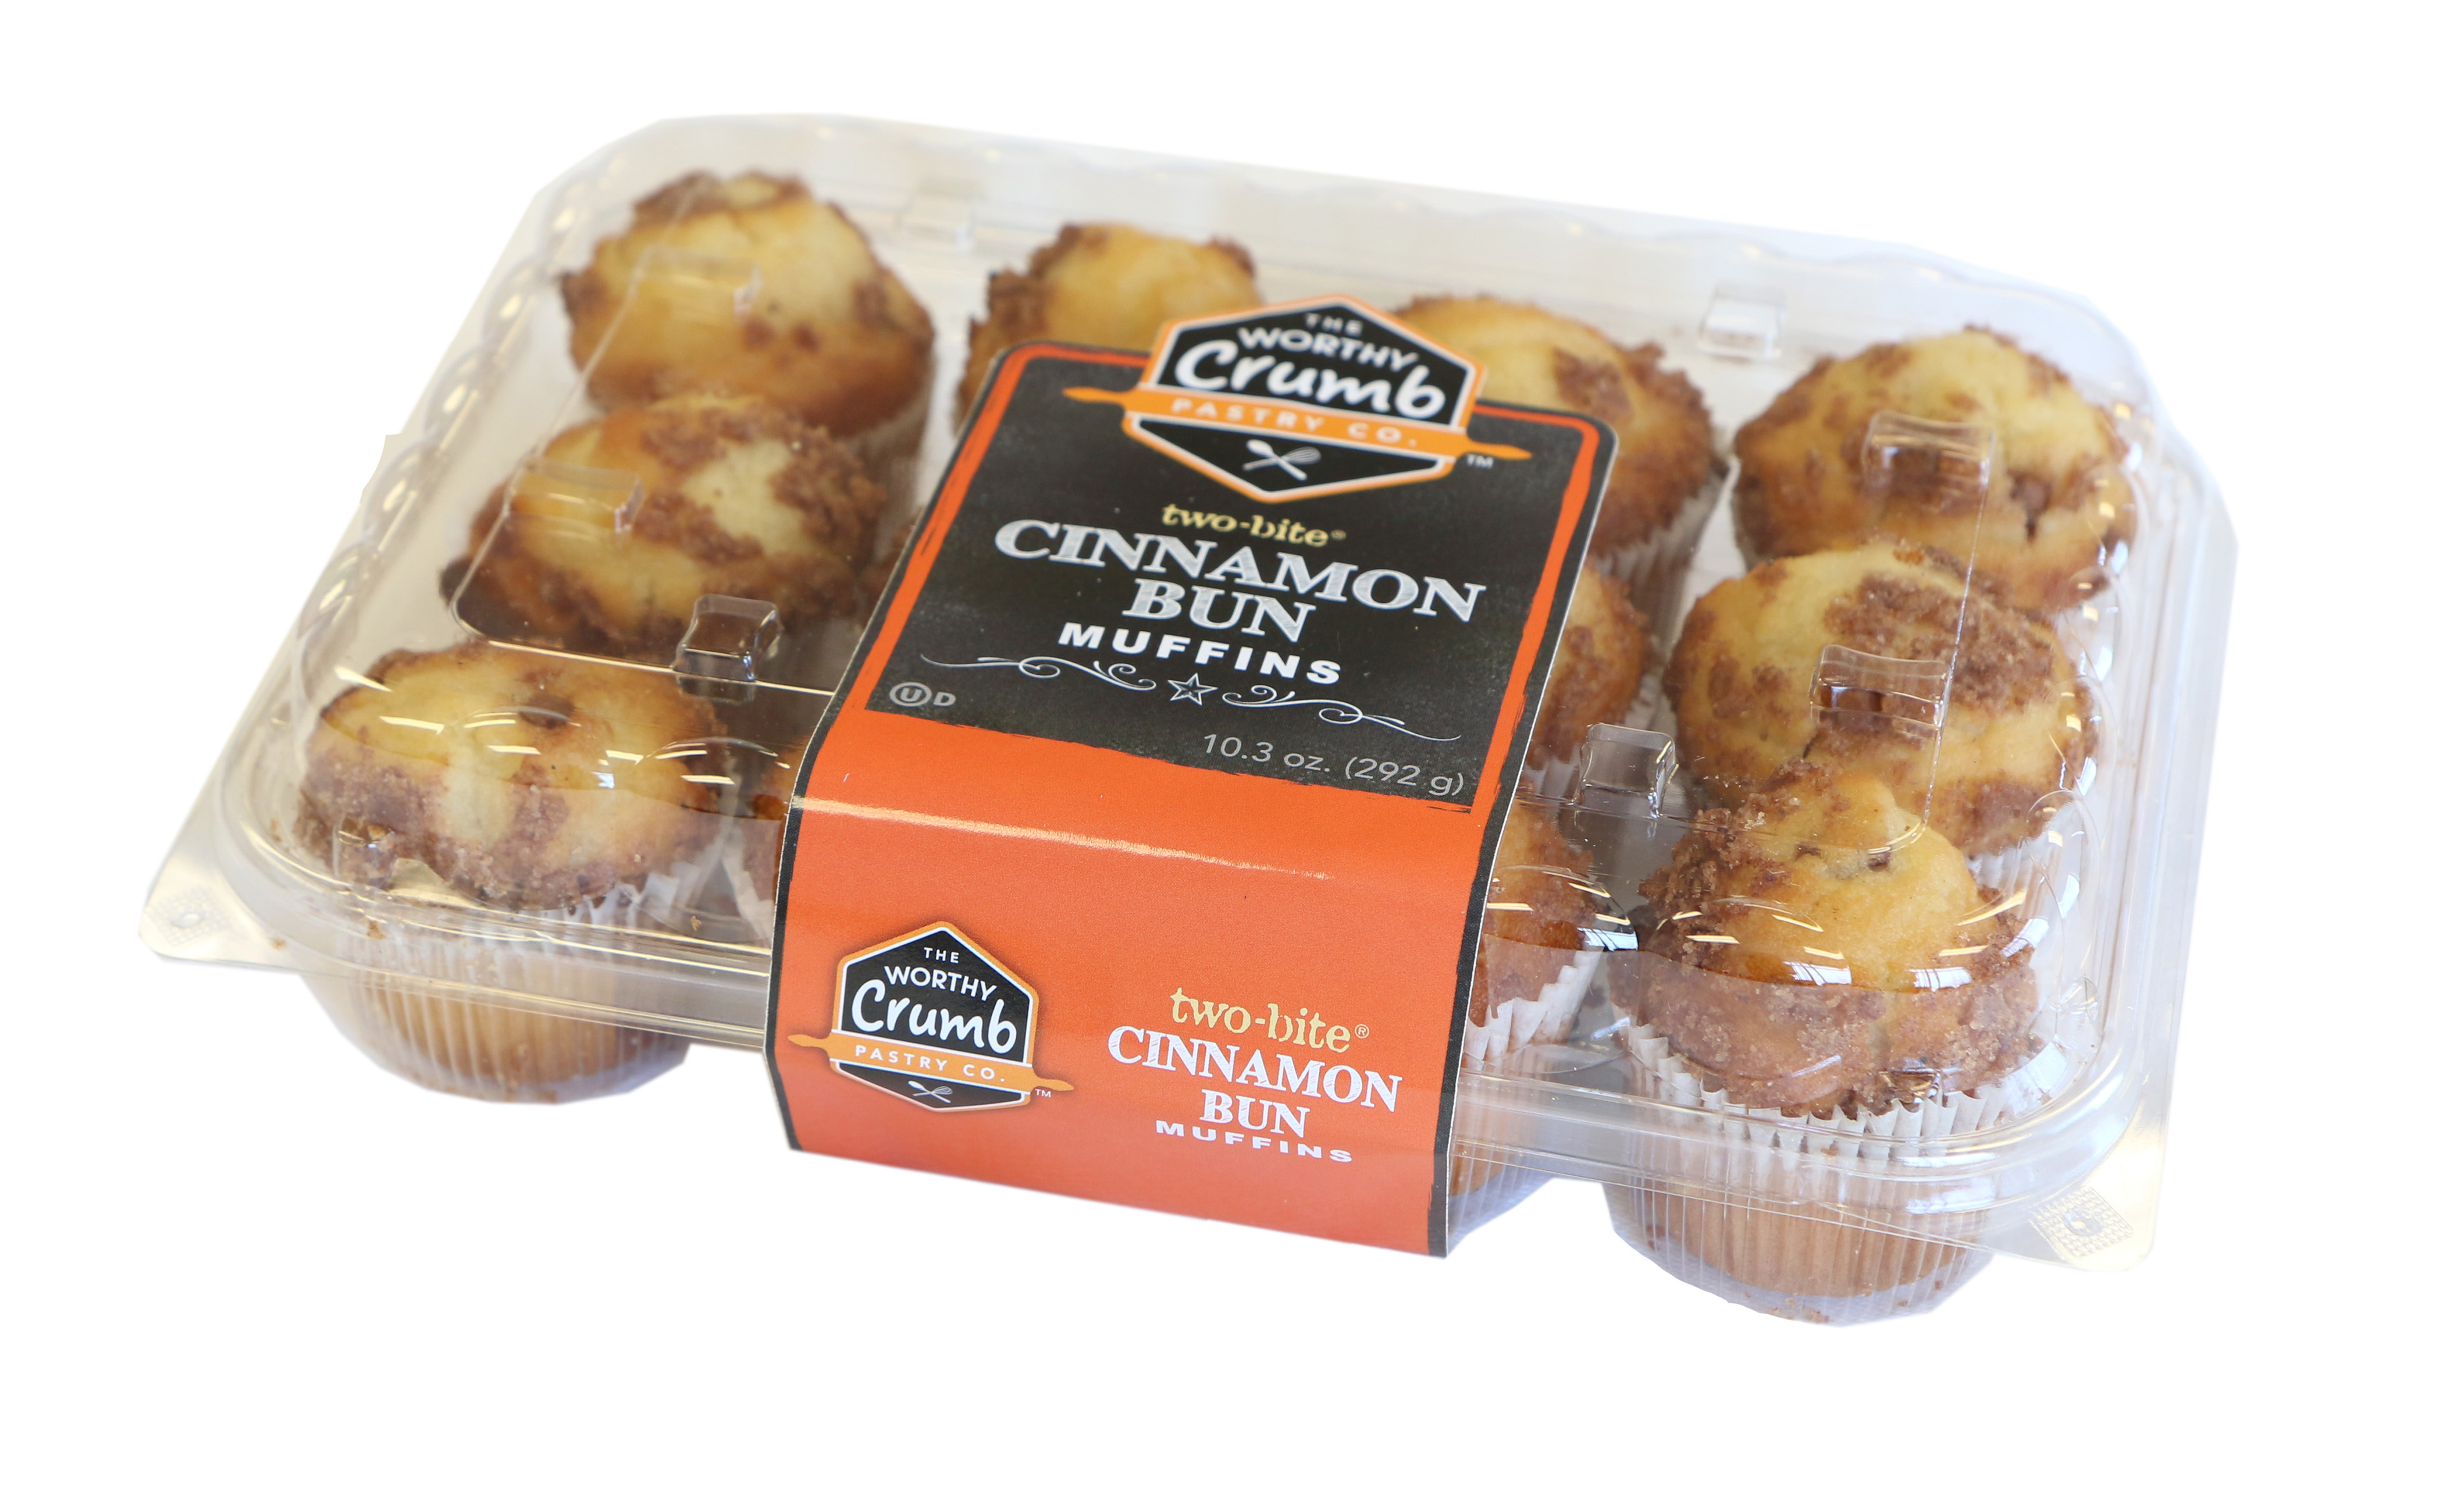 25105, 25205 TWC TB Cinnamon Bun Muffins Edit (2)